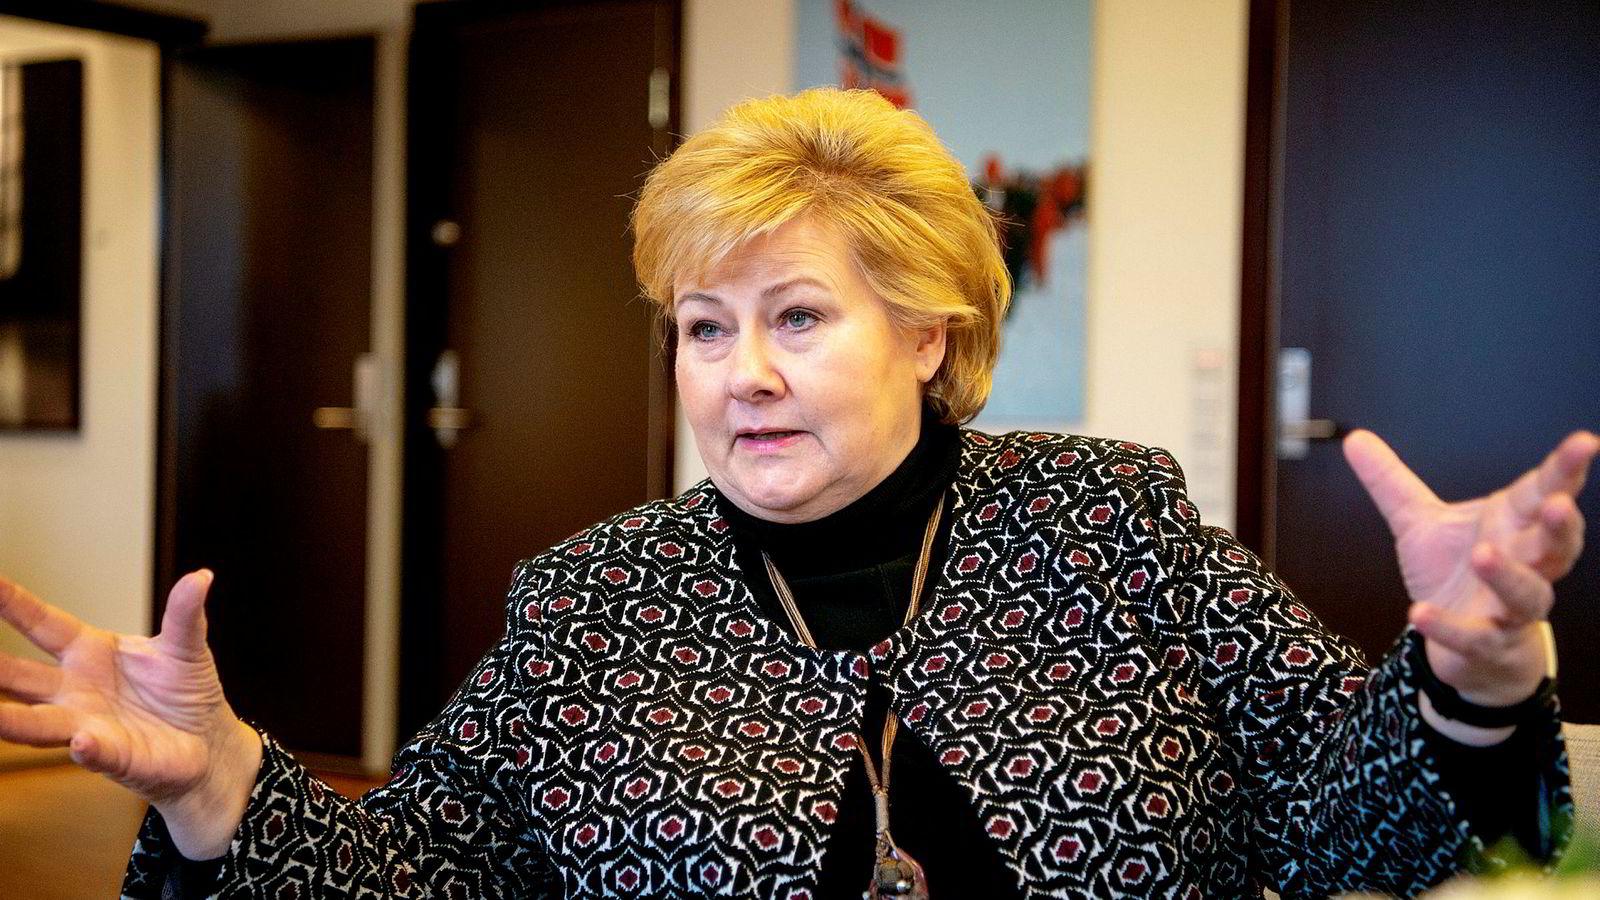 Statsminister Erna Solberg sier Norge trolig ikke vil klare Natos mål om å bruke to prosent av bnp på forsvaret innen 2024.